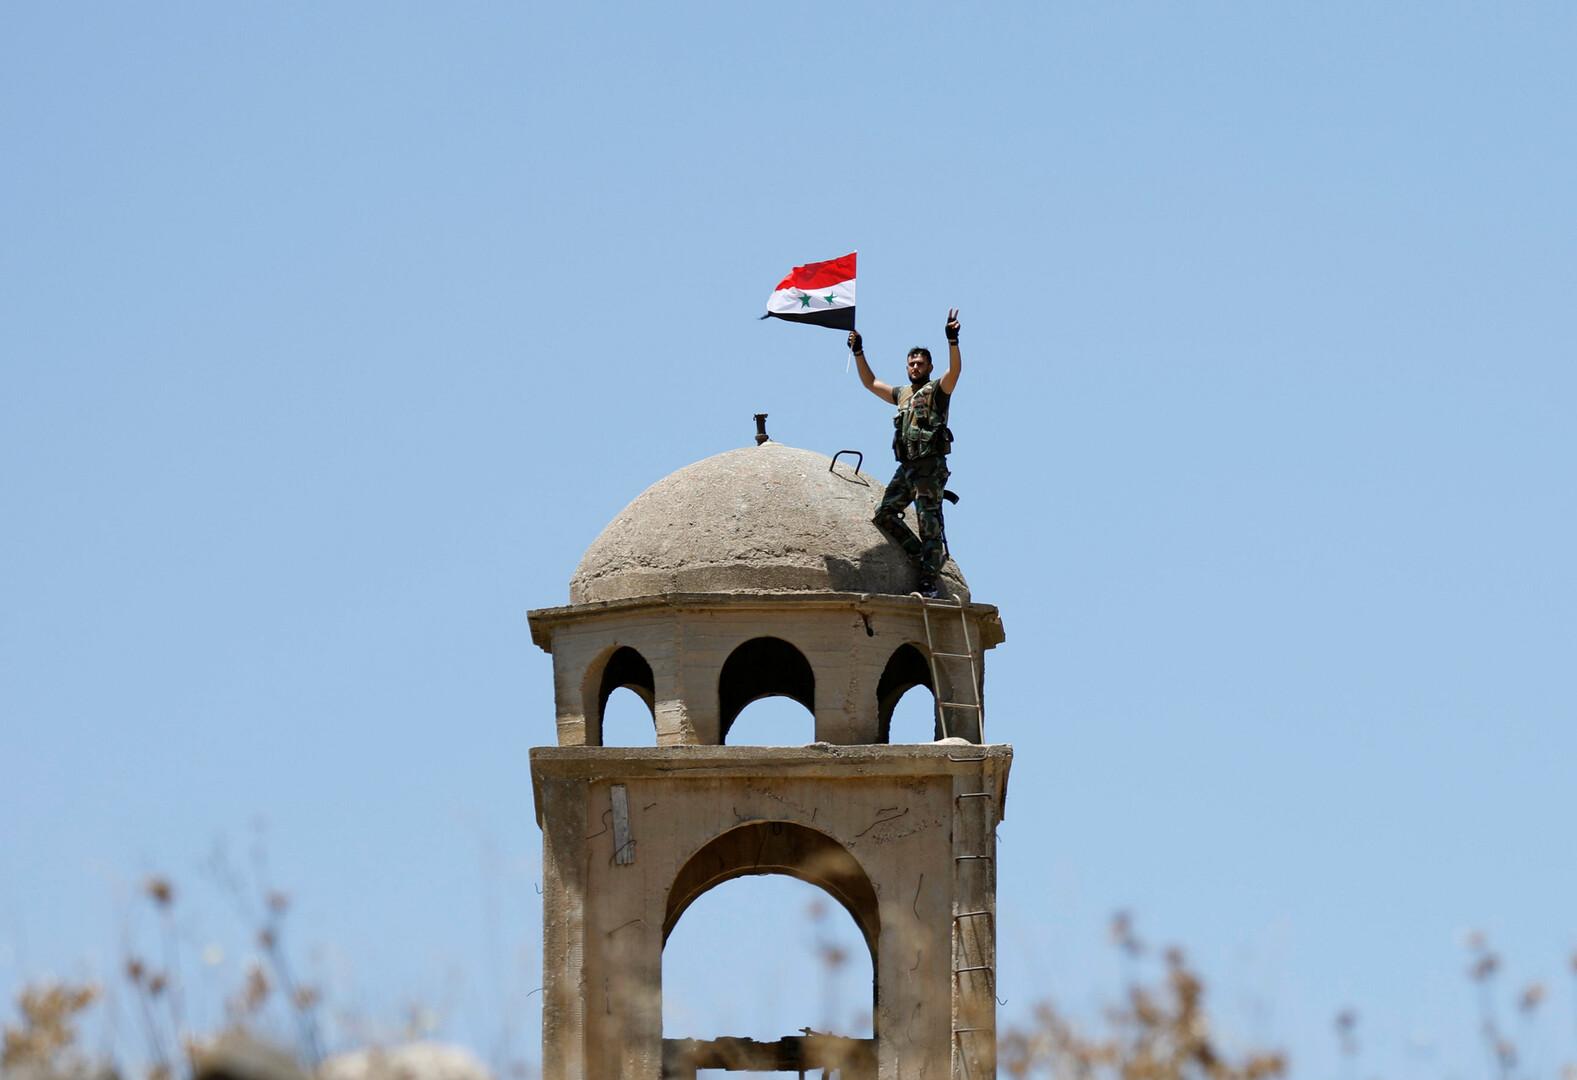 القائم بالأعمال السوري في مصر: دول الخليج بدأت تدرك حجم المؤامرة على سوريا